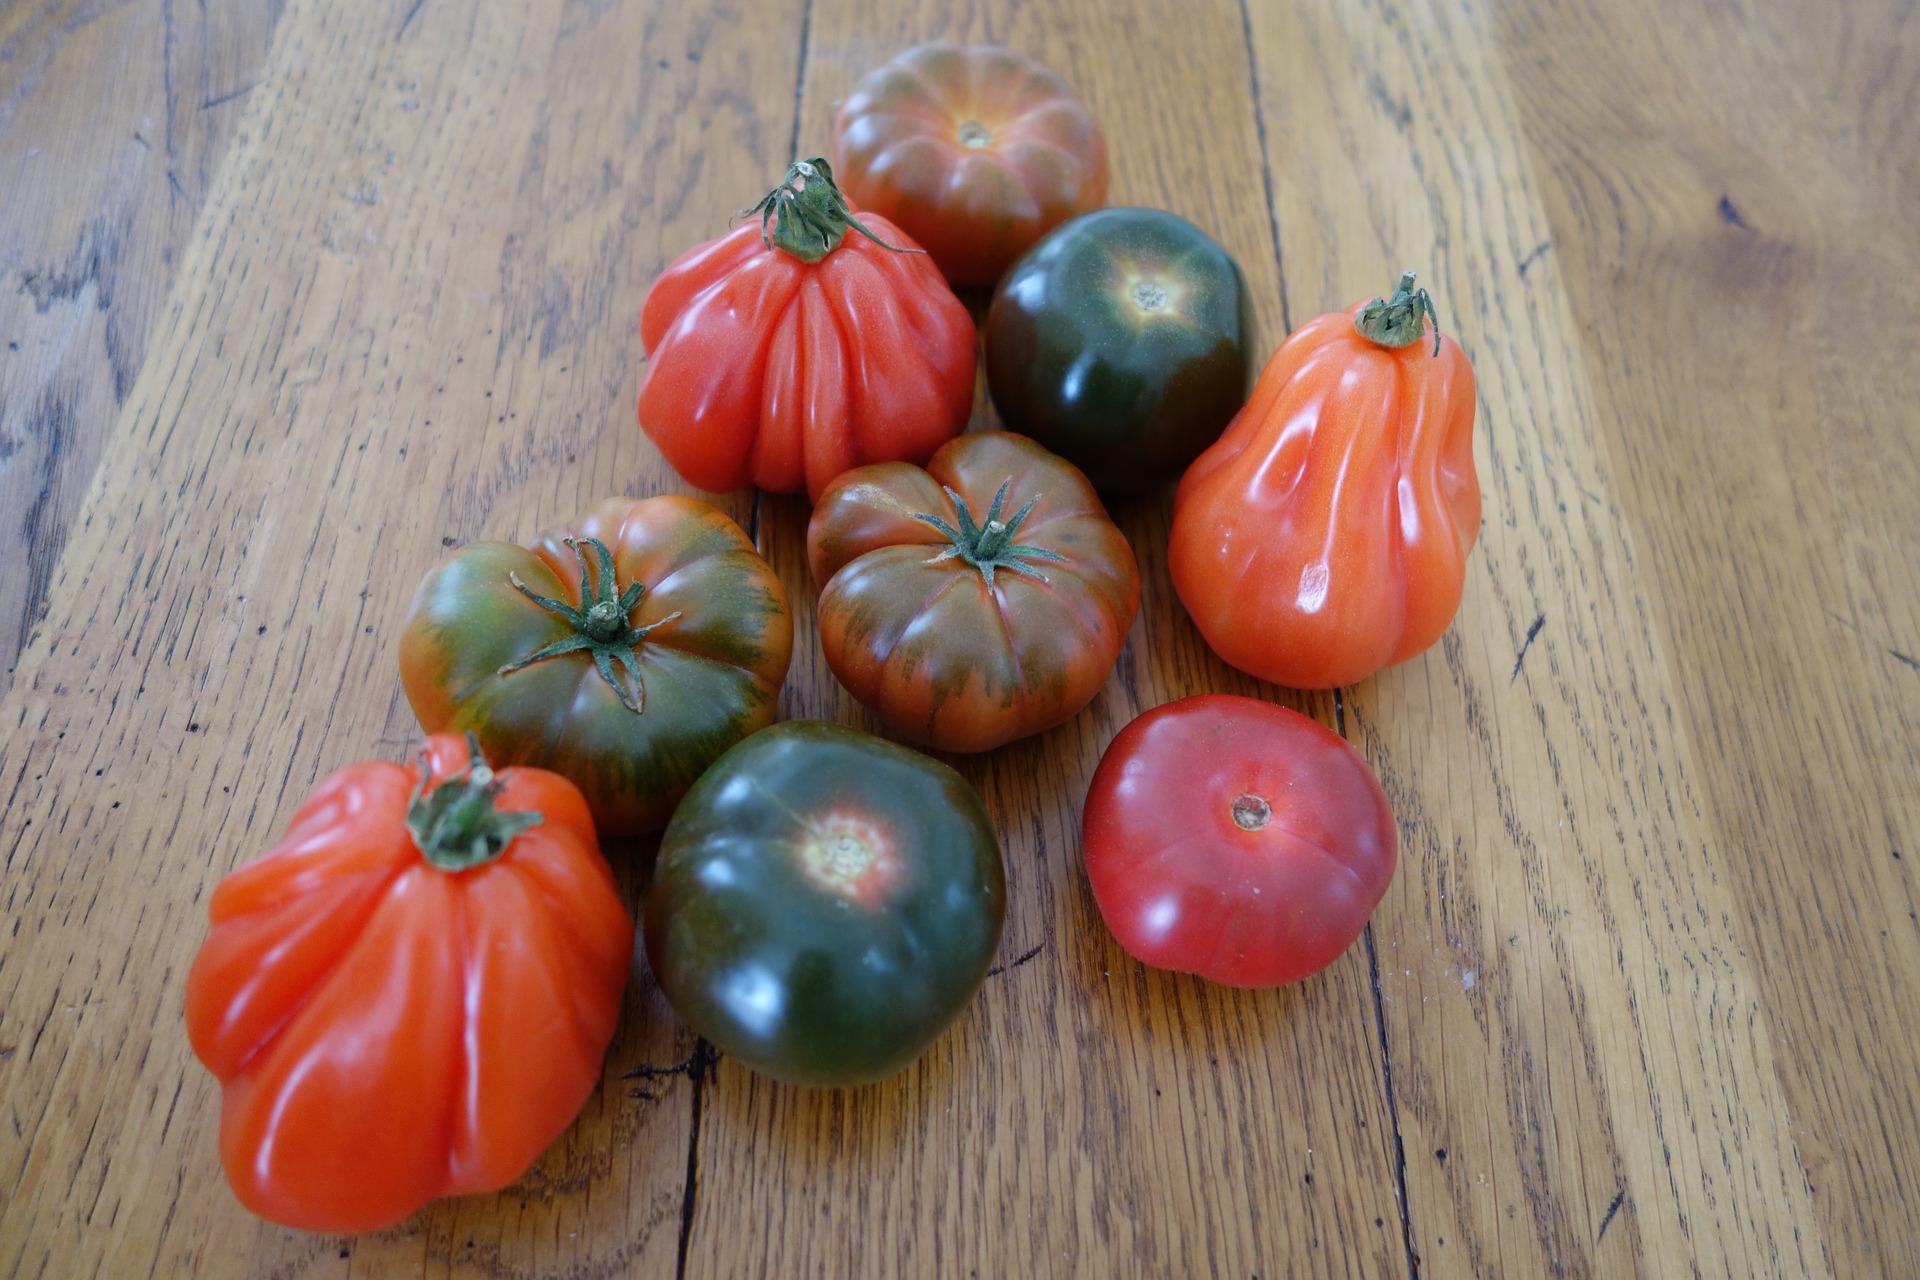 https://m.wm.pl/2018/04/orig/tomatoes-3311129-1920-460338.jpg